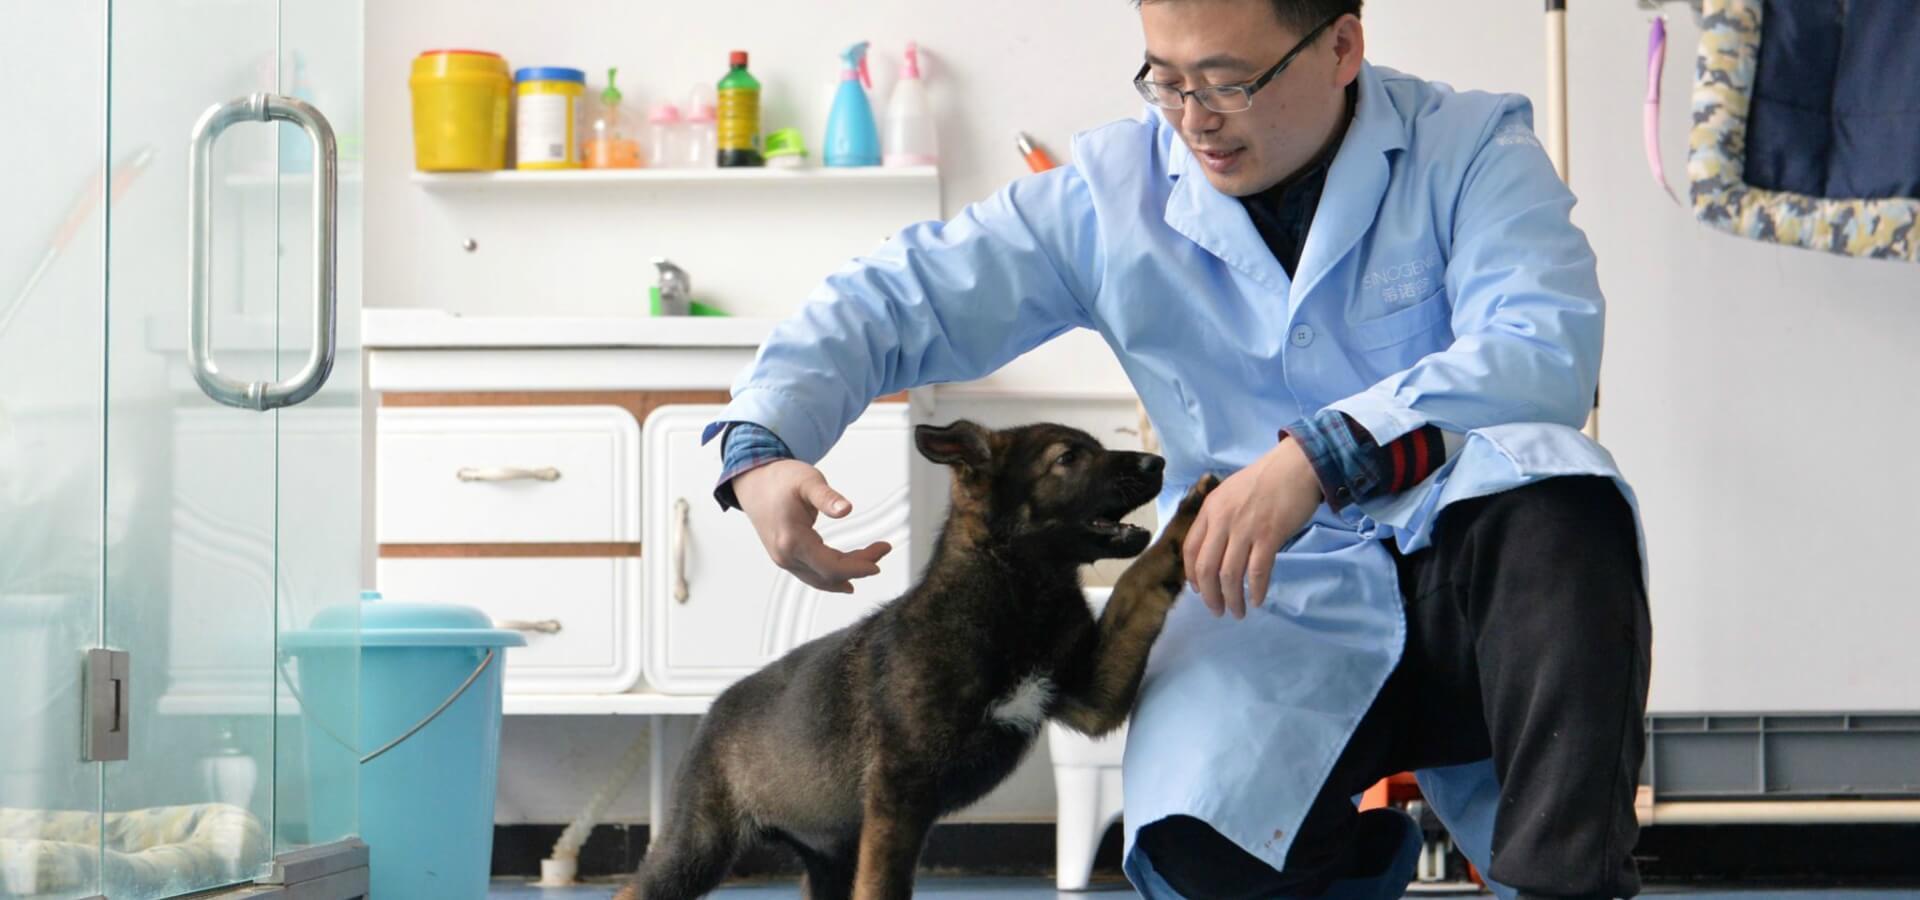 شبیه سازی سگ های پلیس در چین